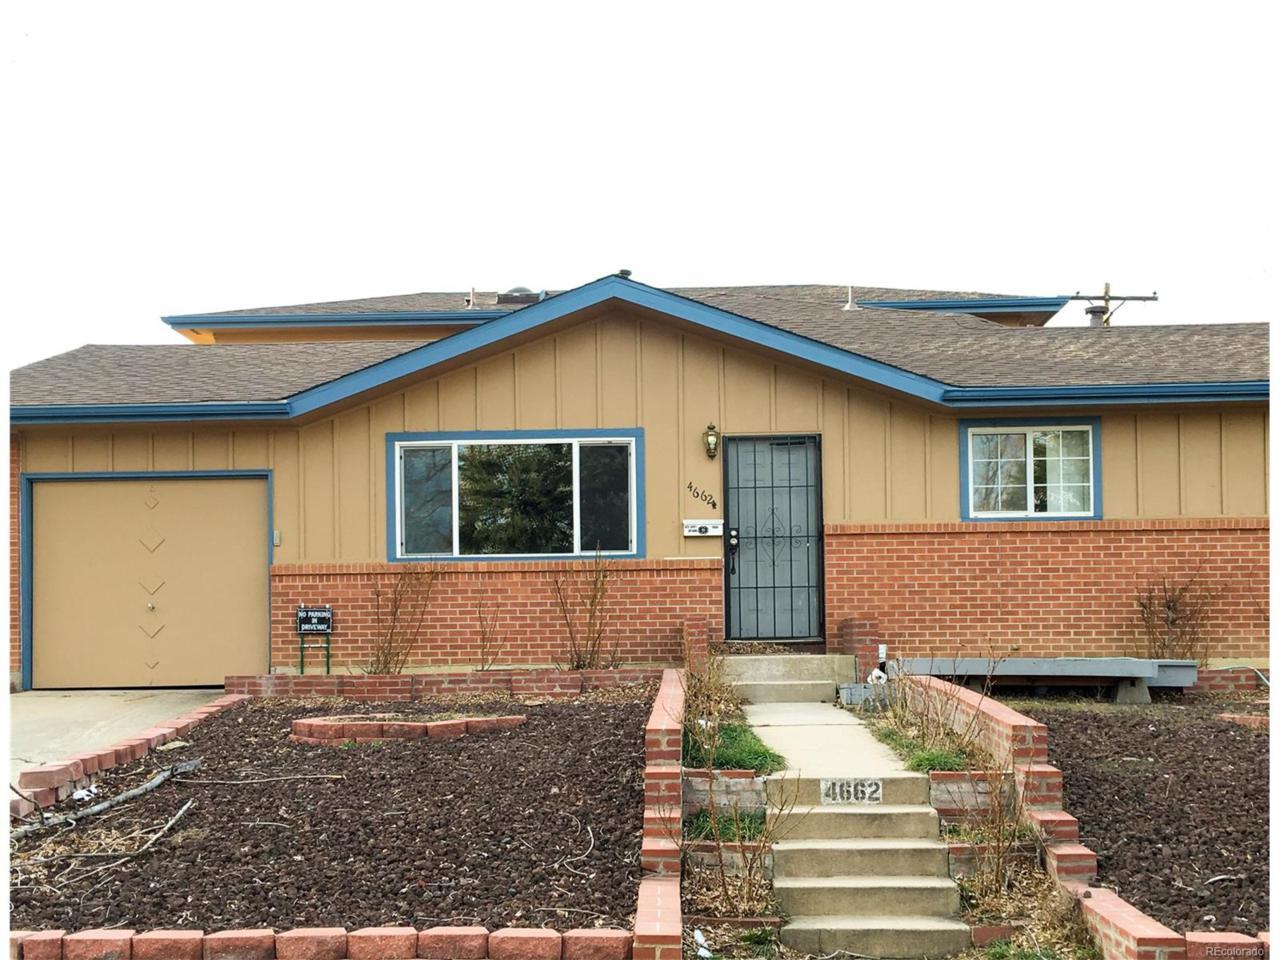 4662 Ingram Court, Boulder, CO 80305 (MLS #5664493) :: 8z Real Estate